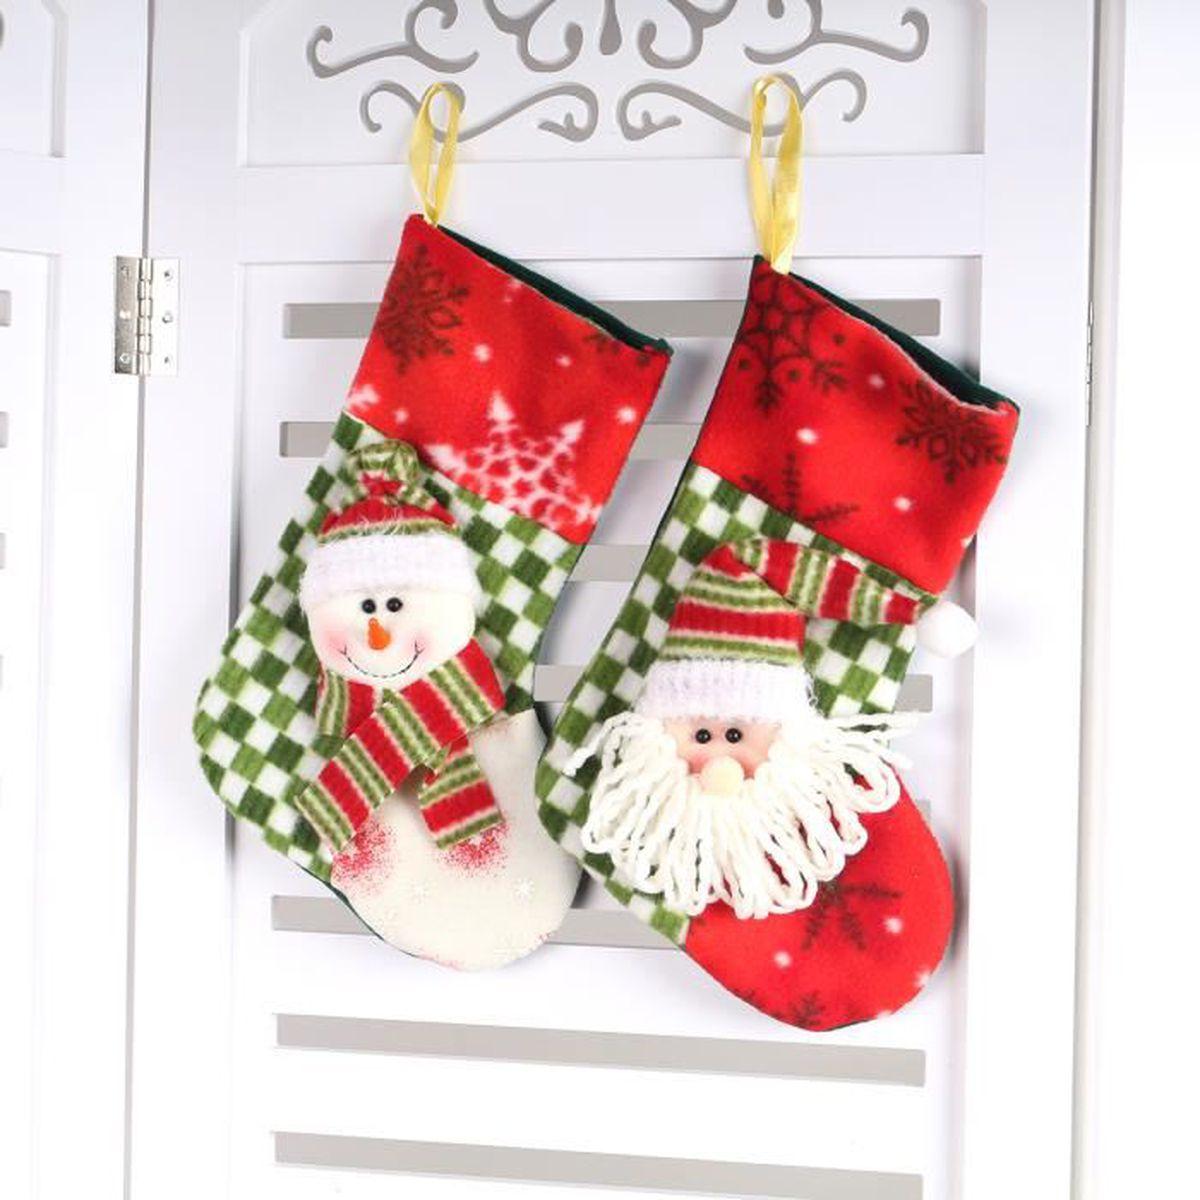 chaussette flanelle pour d coration traditionnelle noel figure bonhomme neige aimable dimension. Black Bedroom Furniture Sets. Home Design Ideas